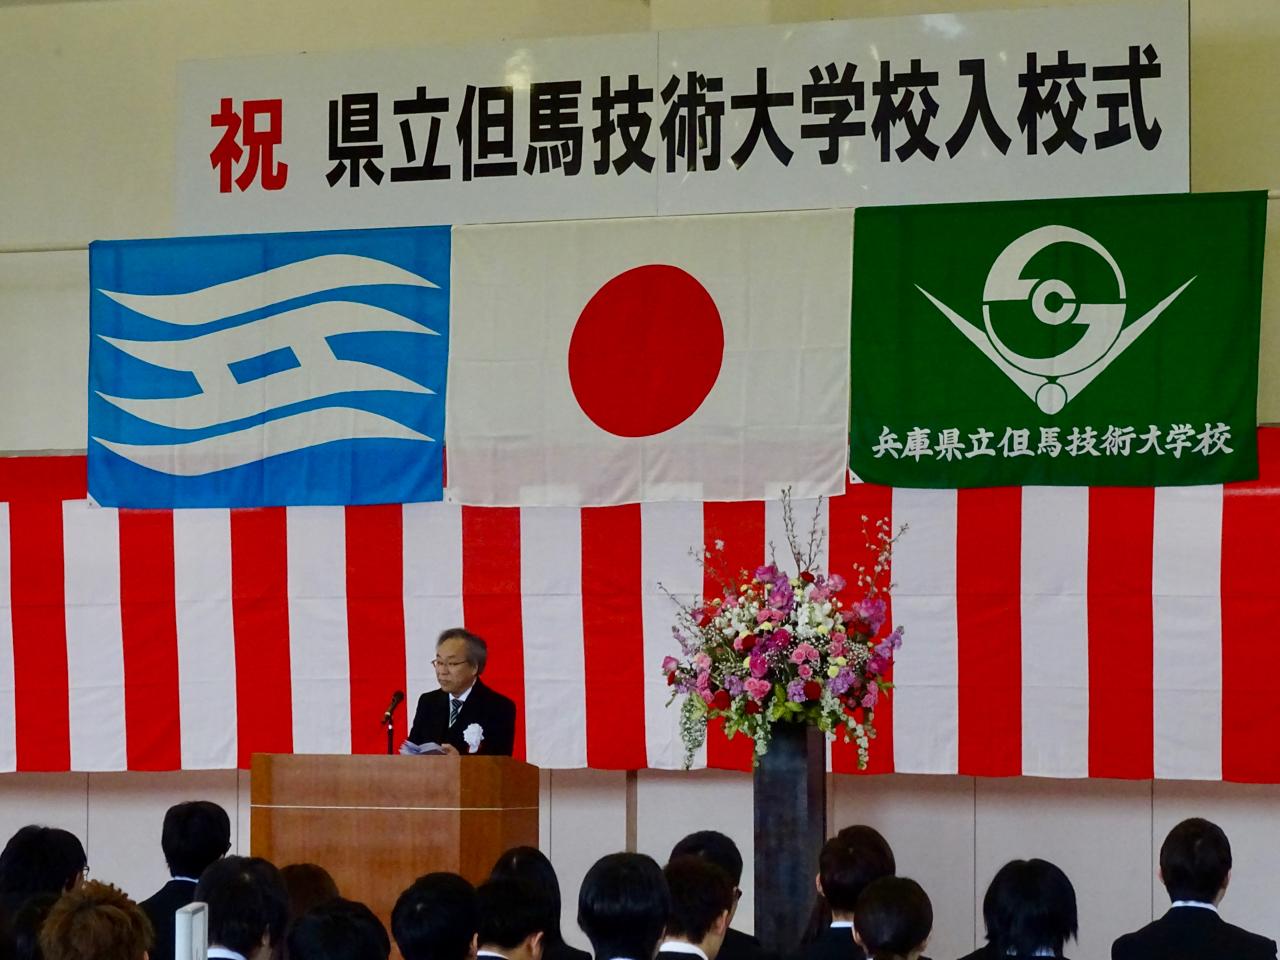 平成30年度 兵庫県立但馬技術大学校 入校式